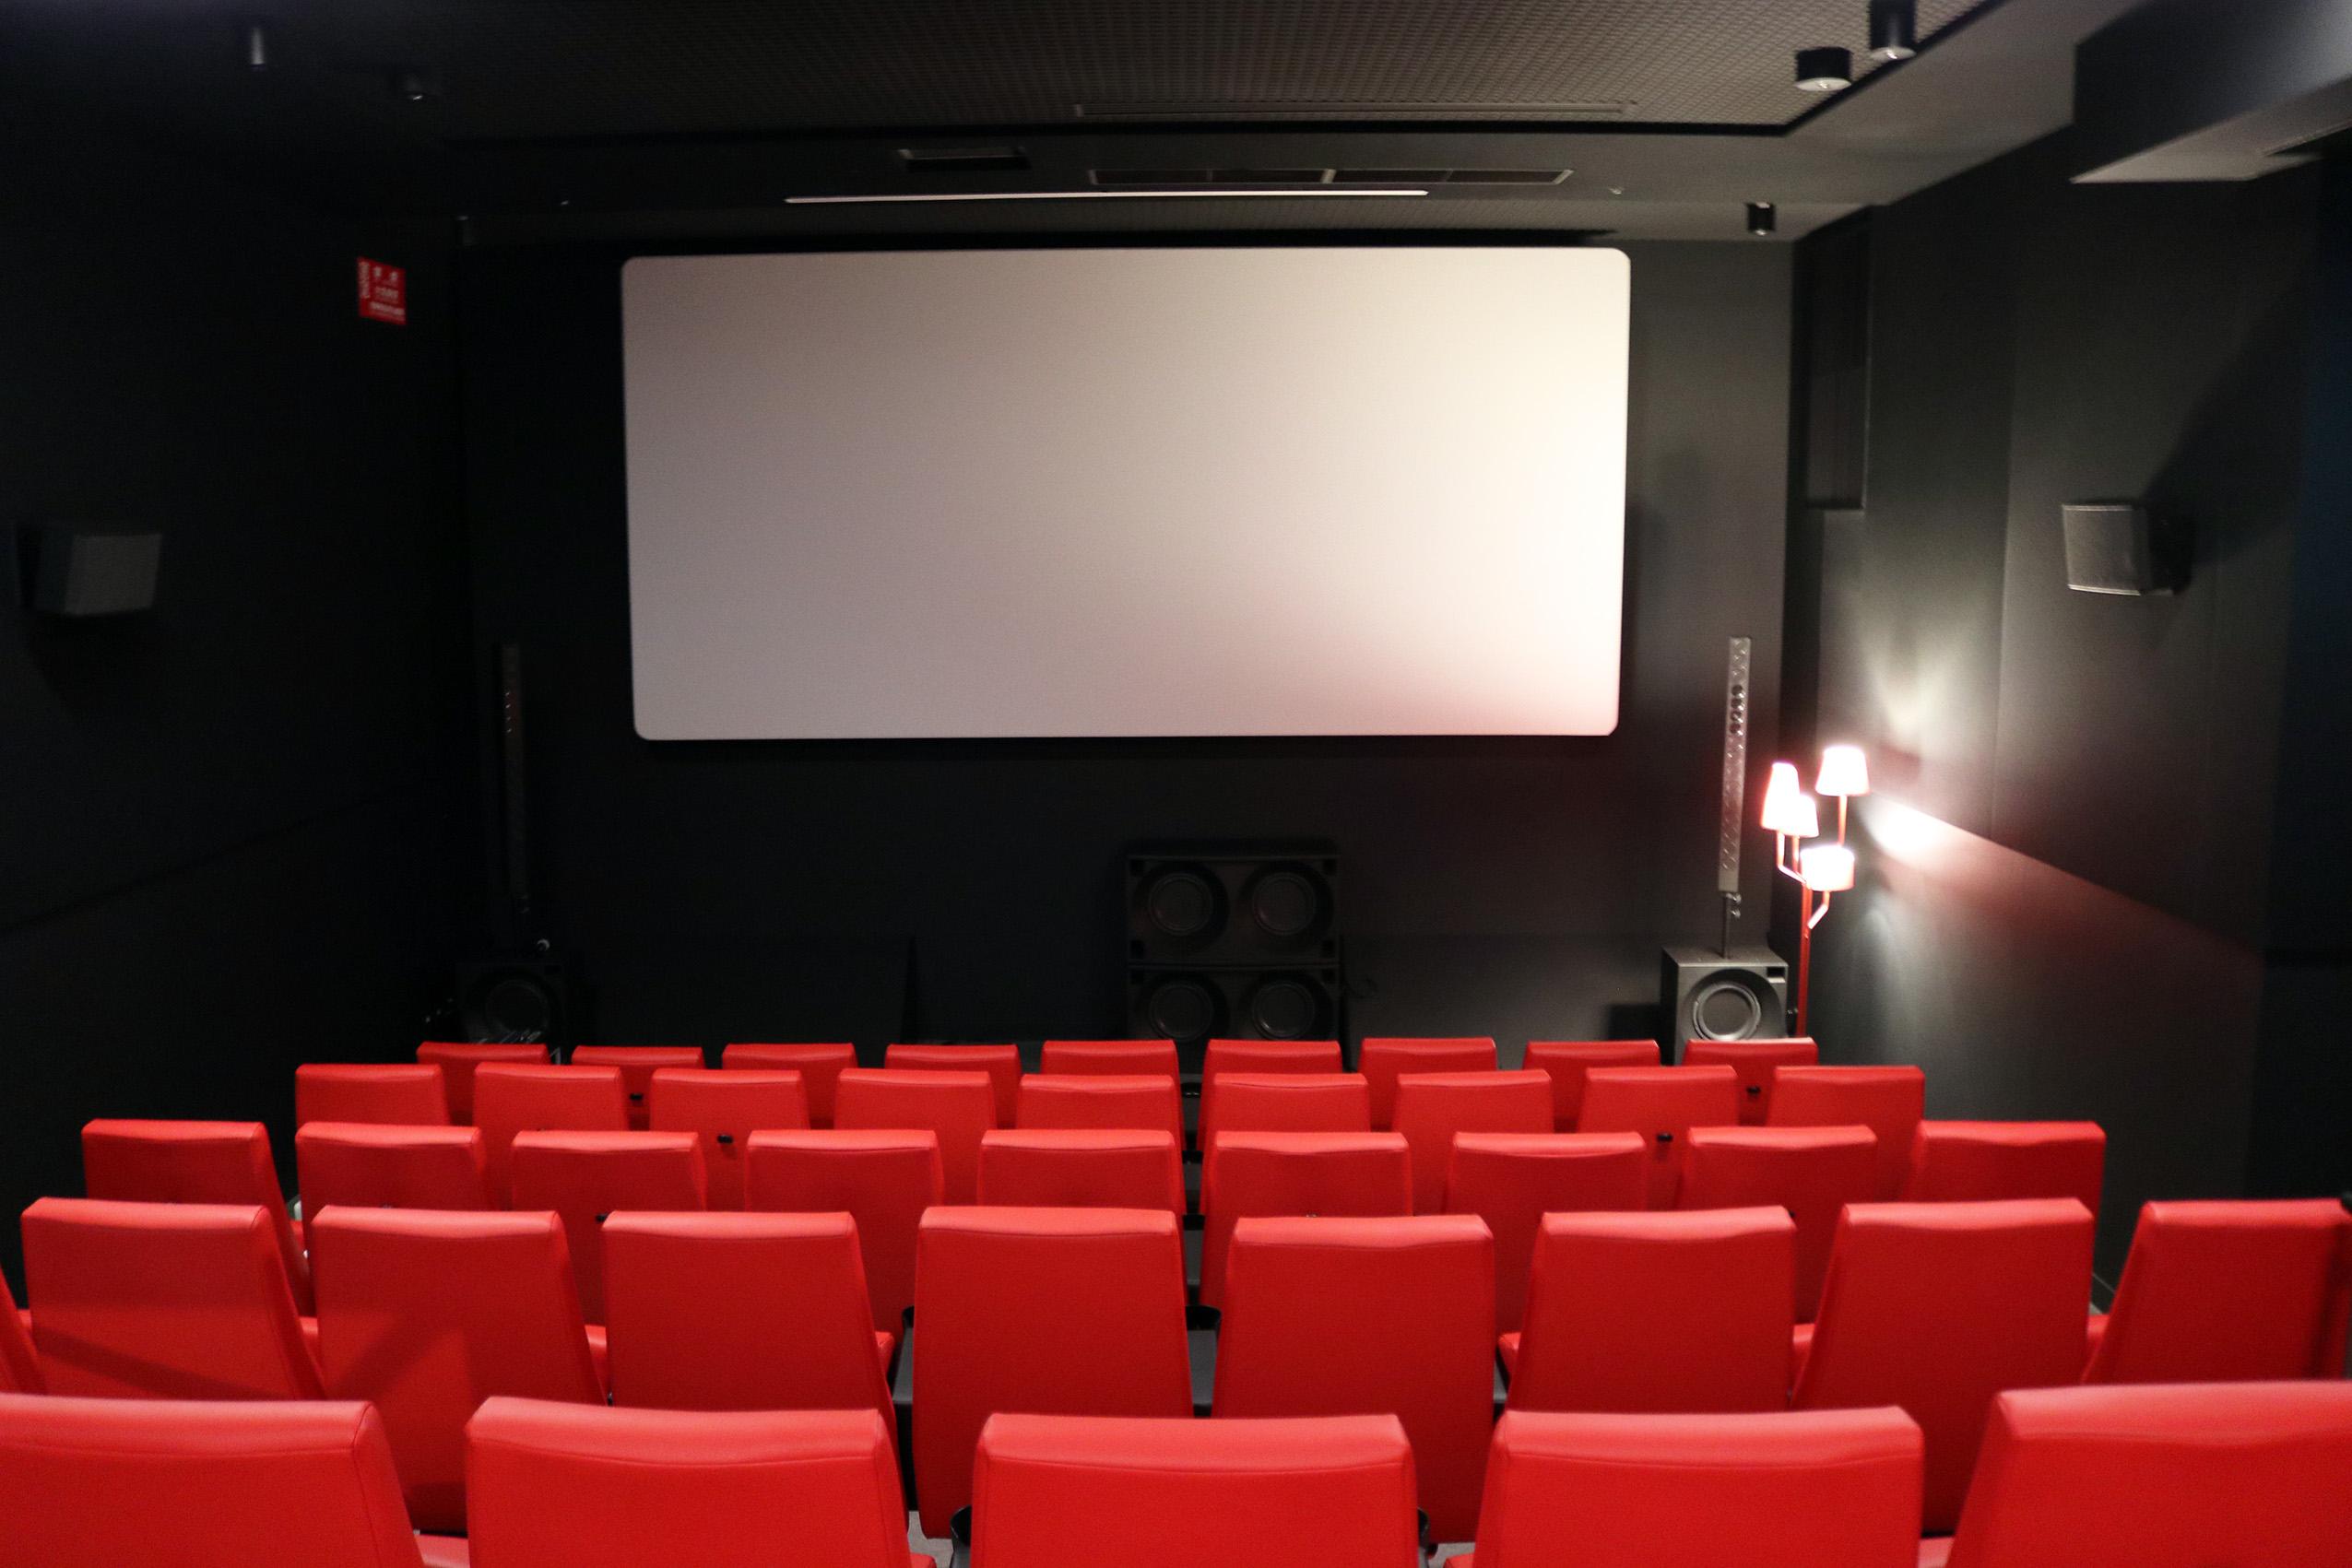 個性派映画館の激戦区・京都に、東京から初進出 » Lmaga.jp